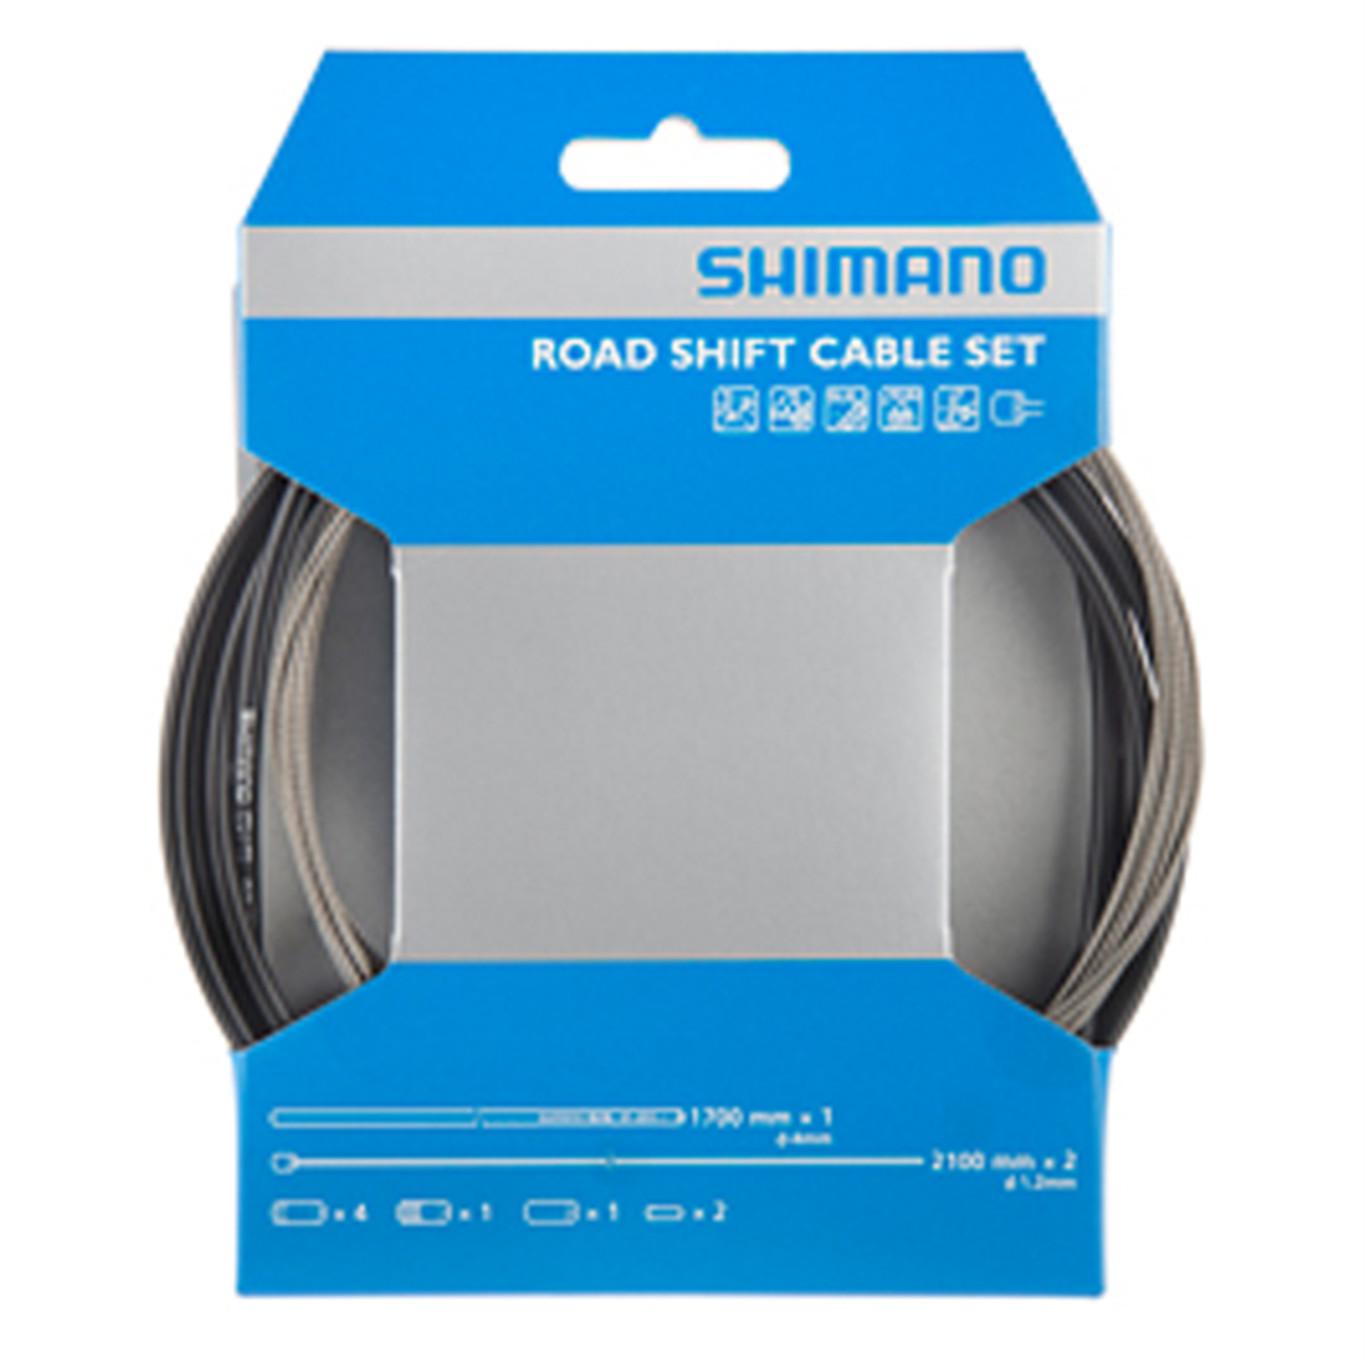 SHIMANO Shimano Zestaw Linek Przerzutki Ze Stali Nierdzewnej + Pancerz Ot-Sp41 (Y60098022)